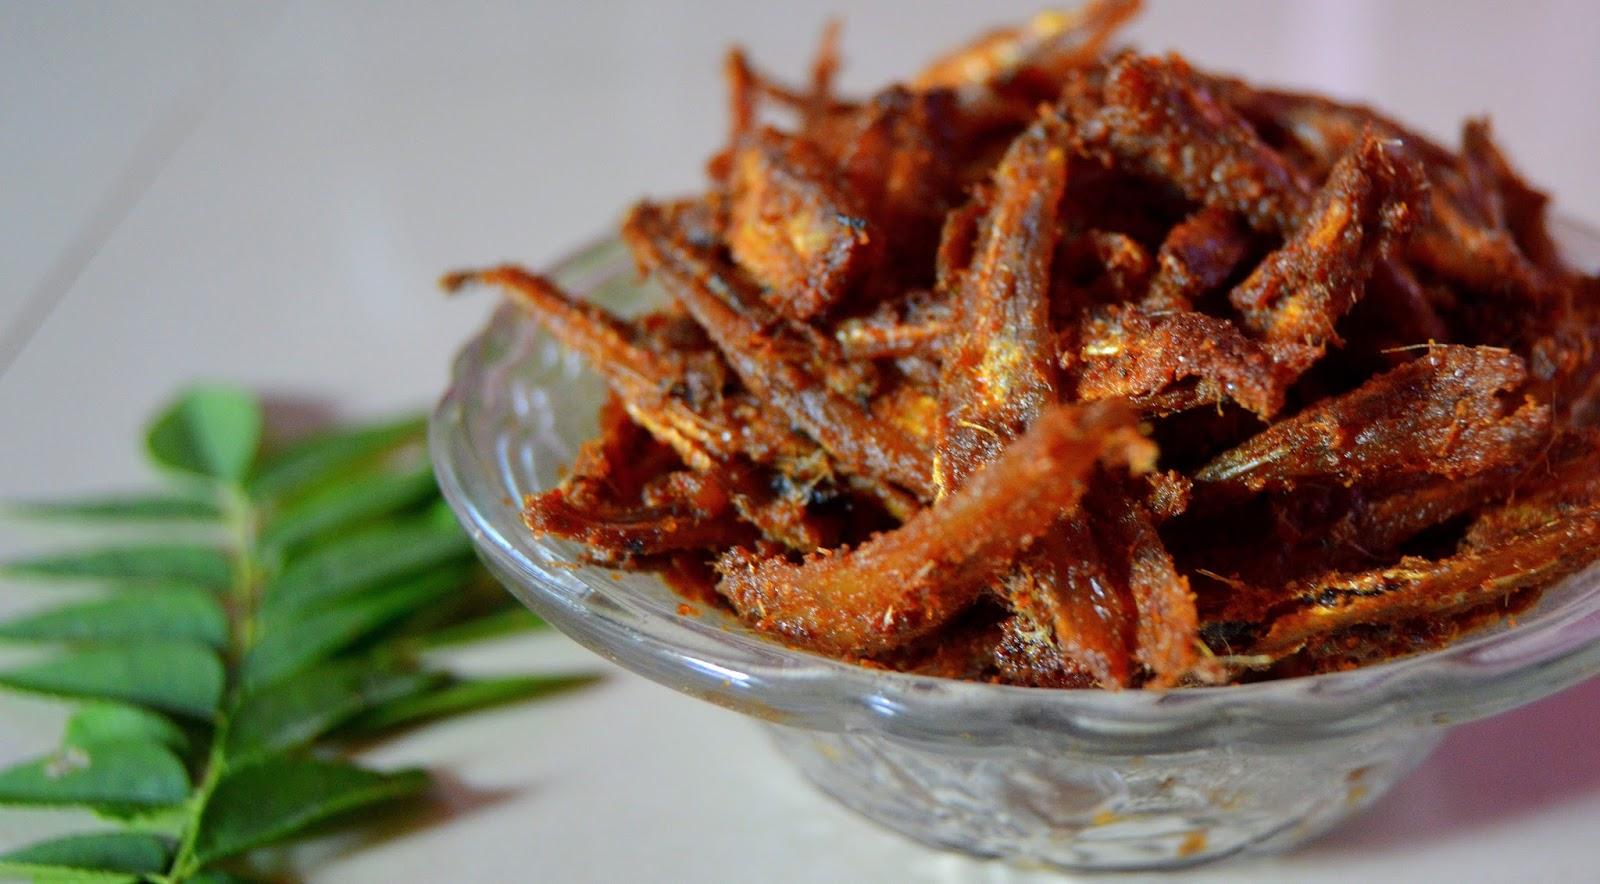 nethili fry